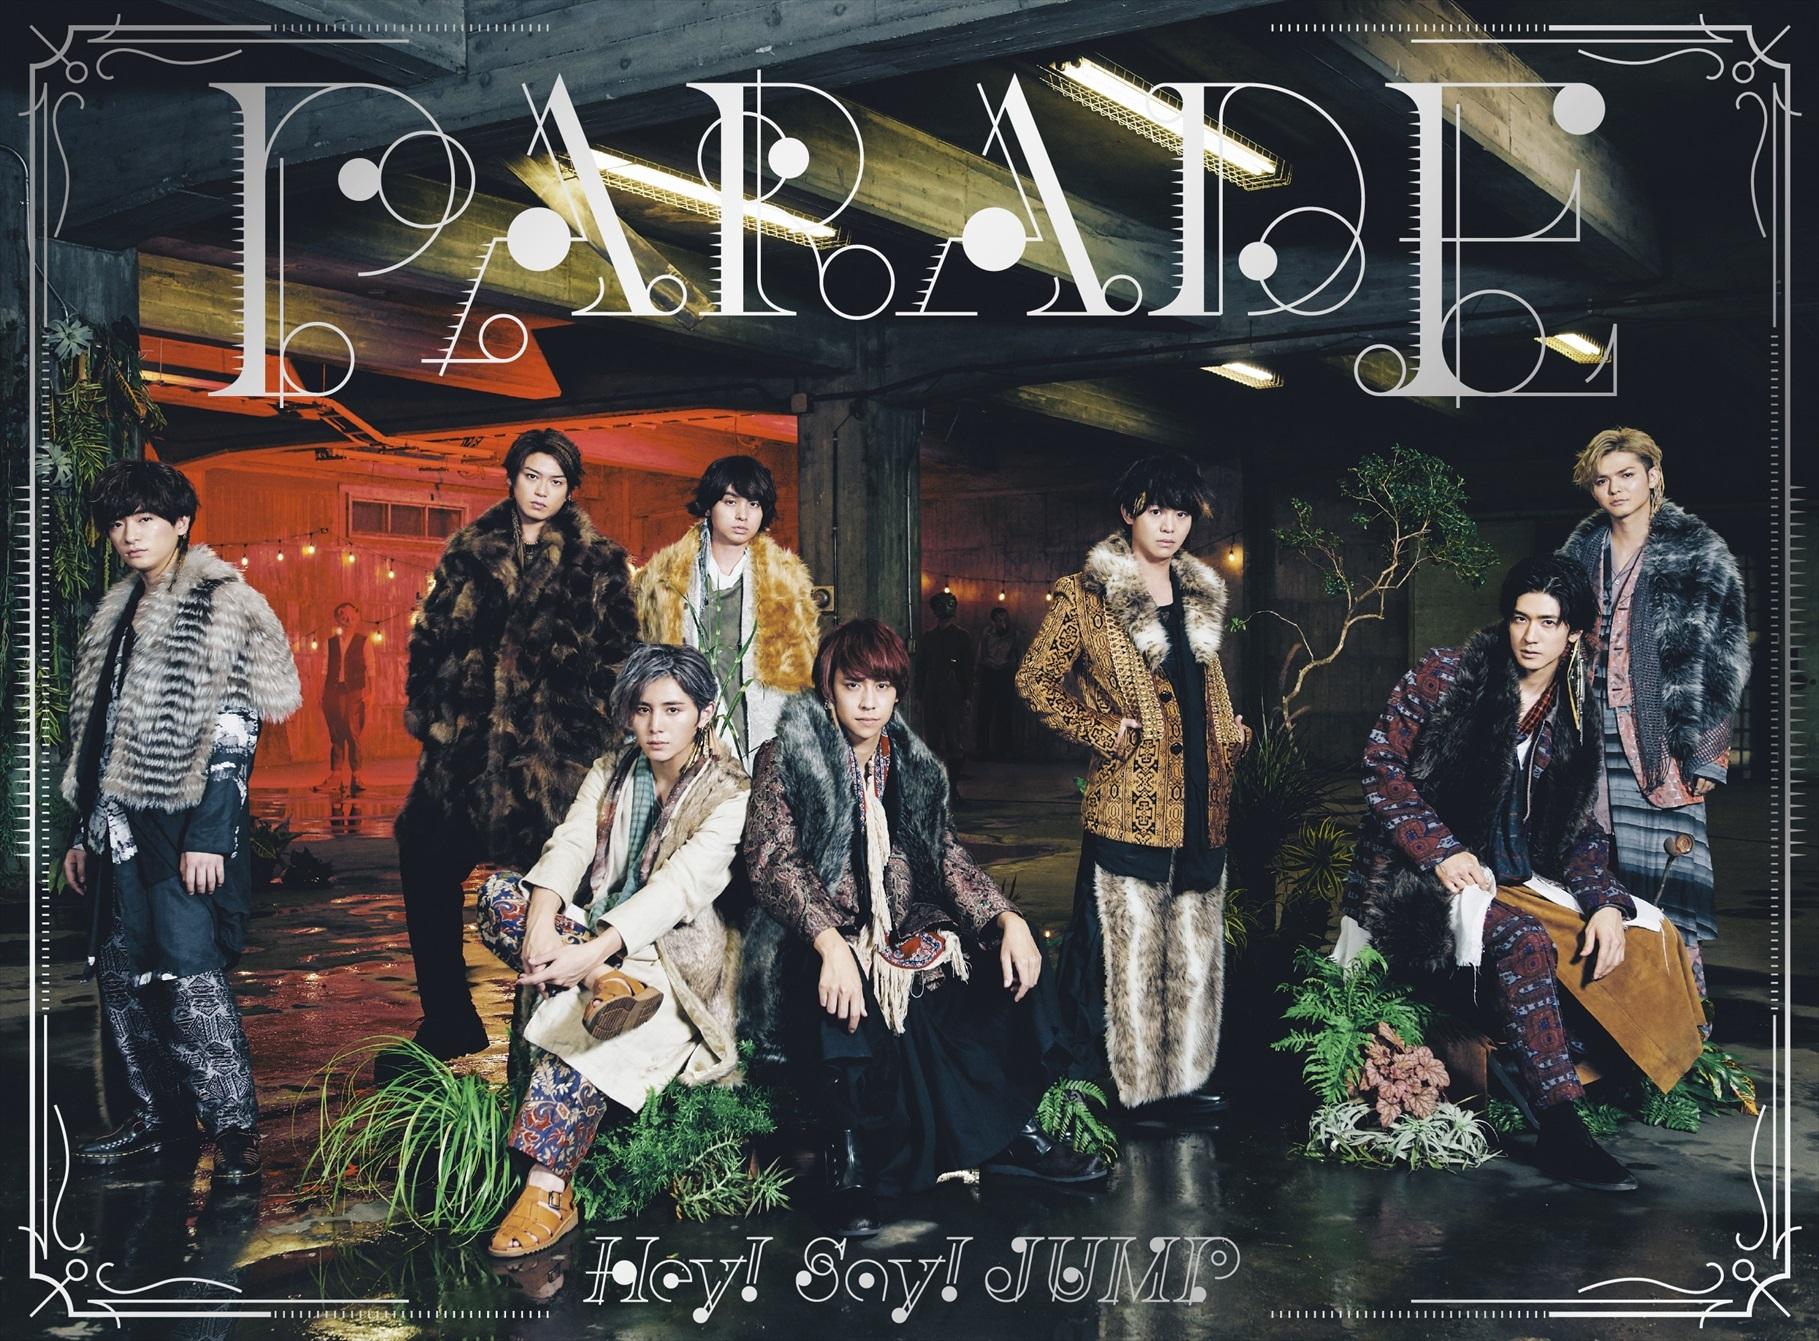 Hey! Say! JUMP (ヘイ セイ ジャンプ) 7thアルバム『PARADE (パレード)』(初回限定盤①) 高画質CDジャケット画像 (ジャケ写)